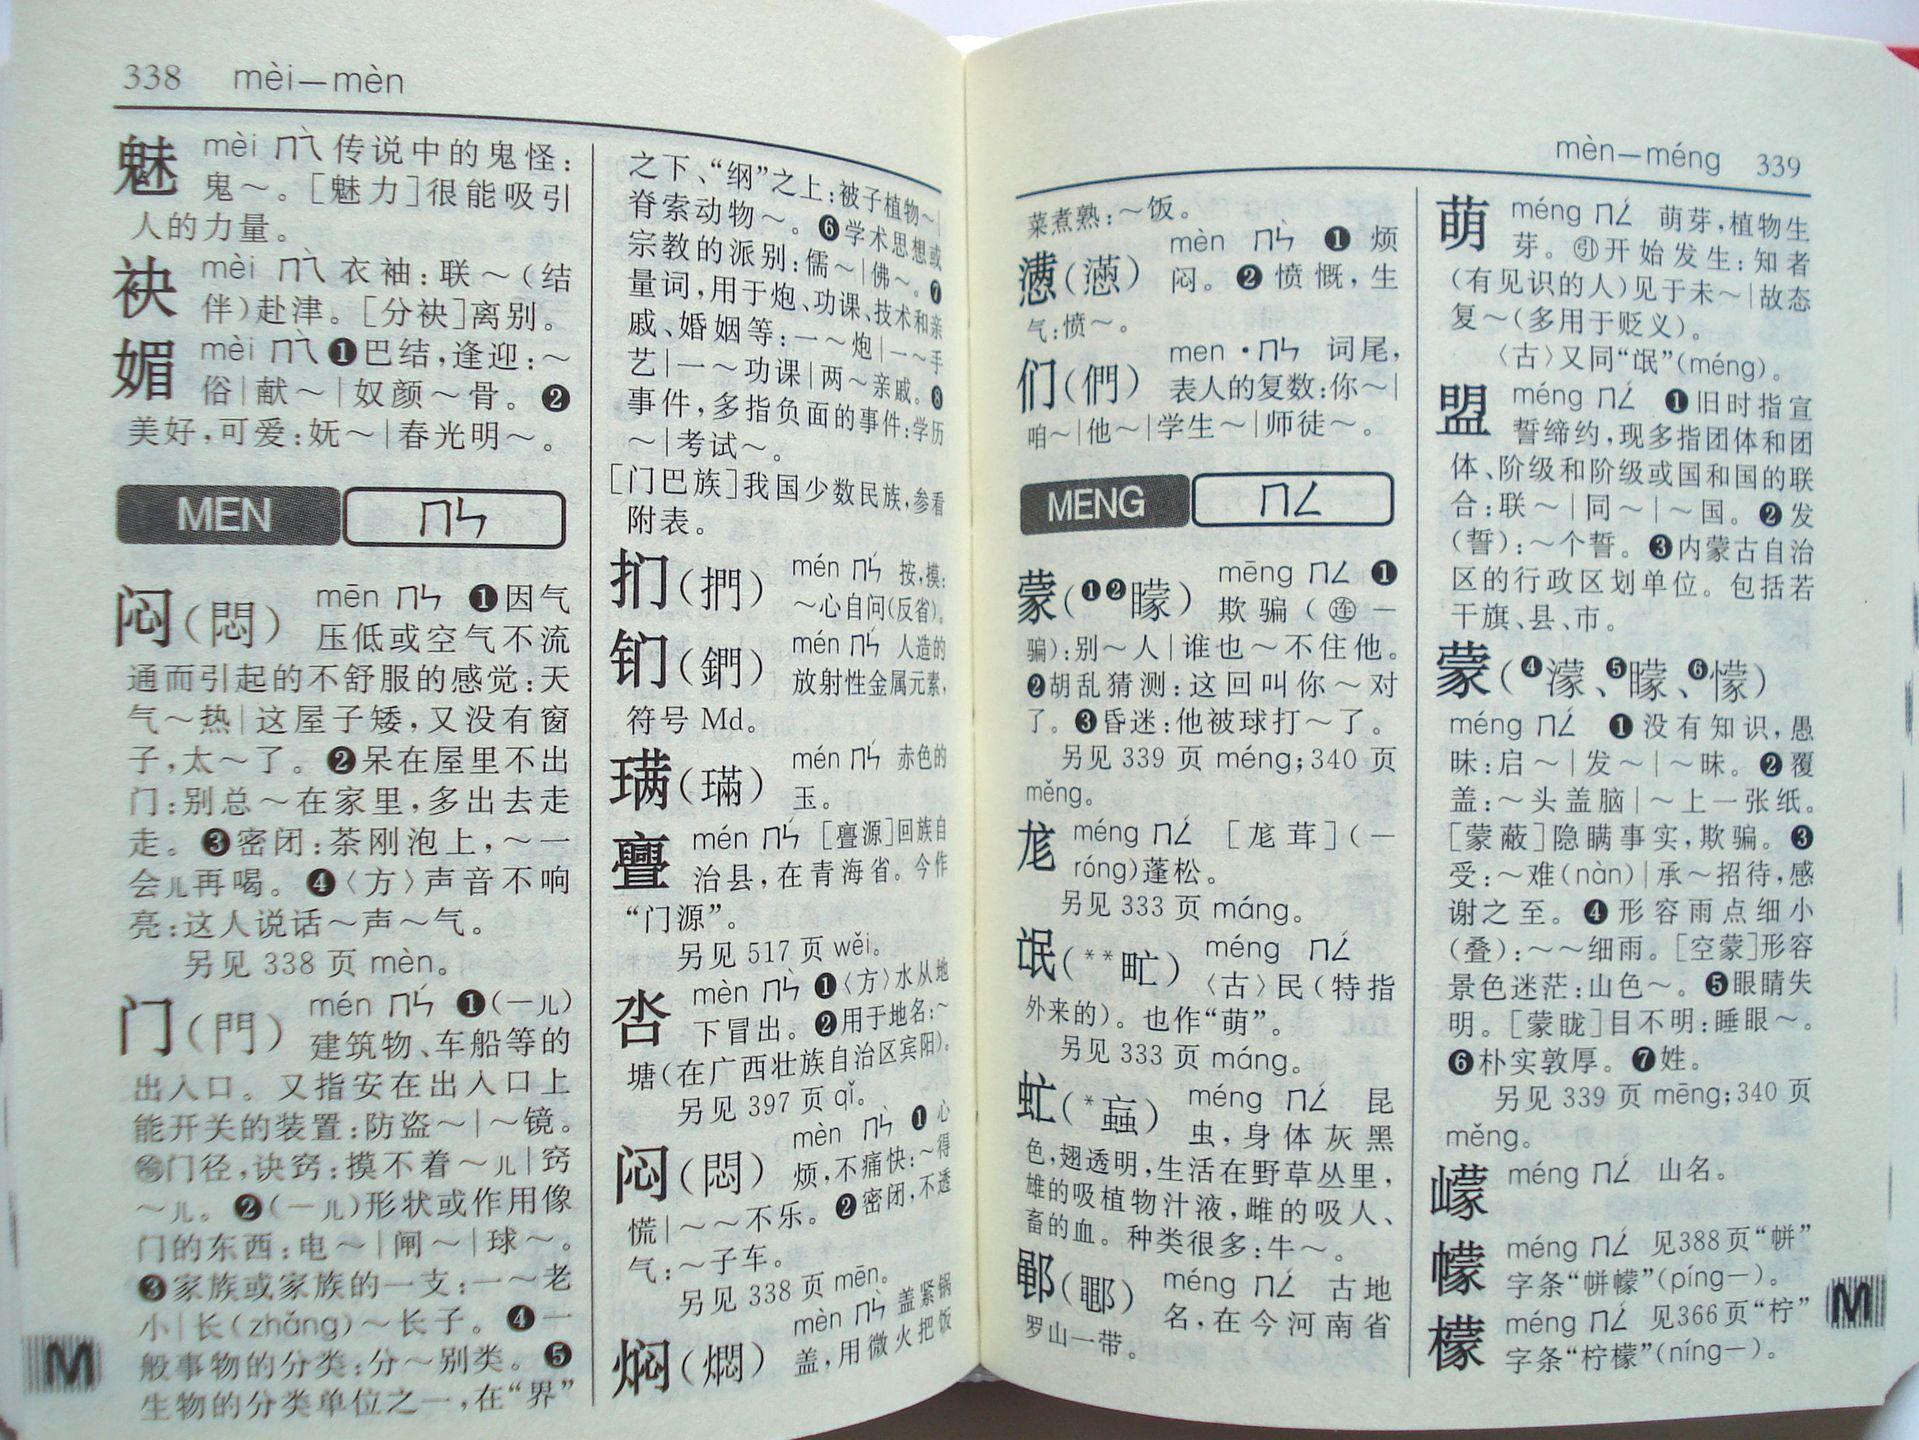 【新华字典 第11版 商务印书馆 工具书 书籍 词